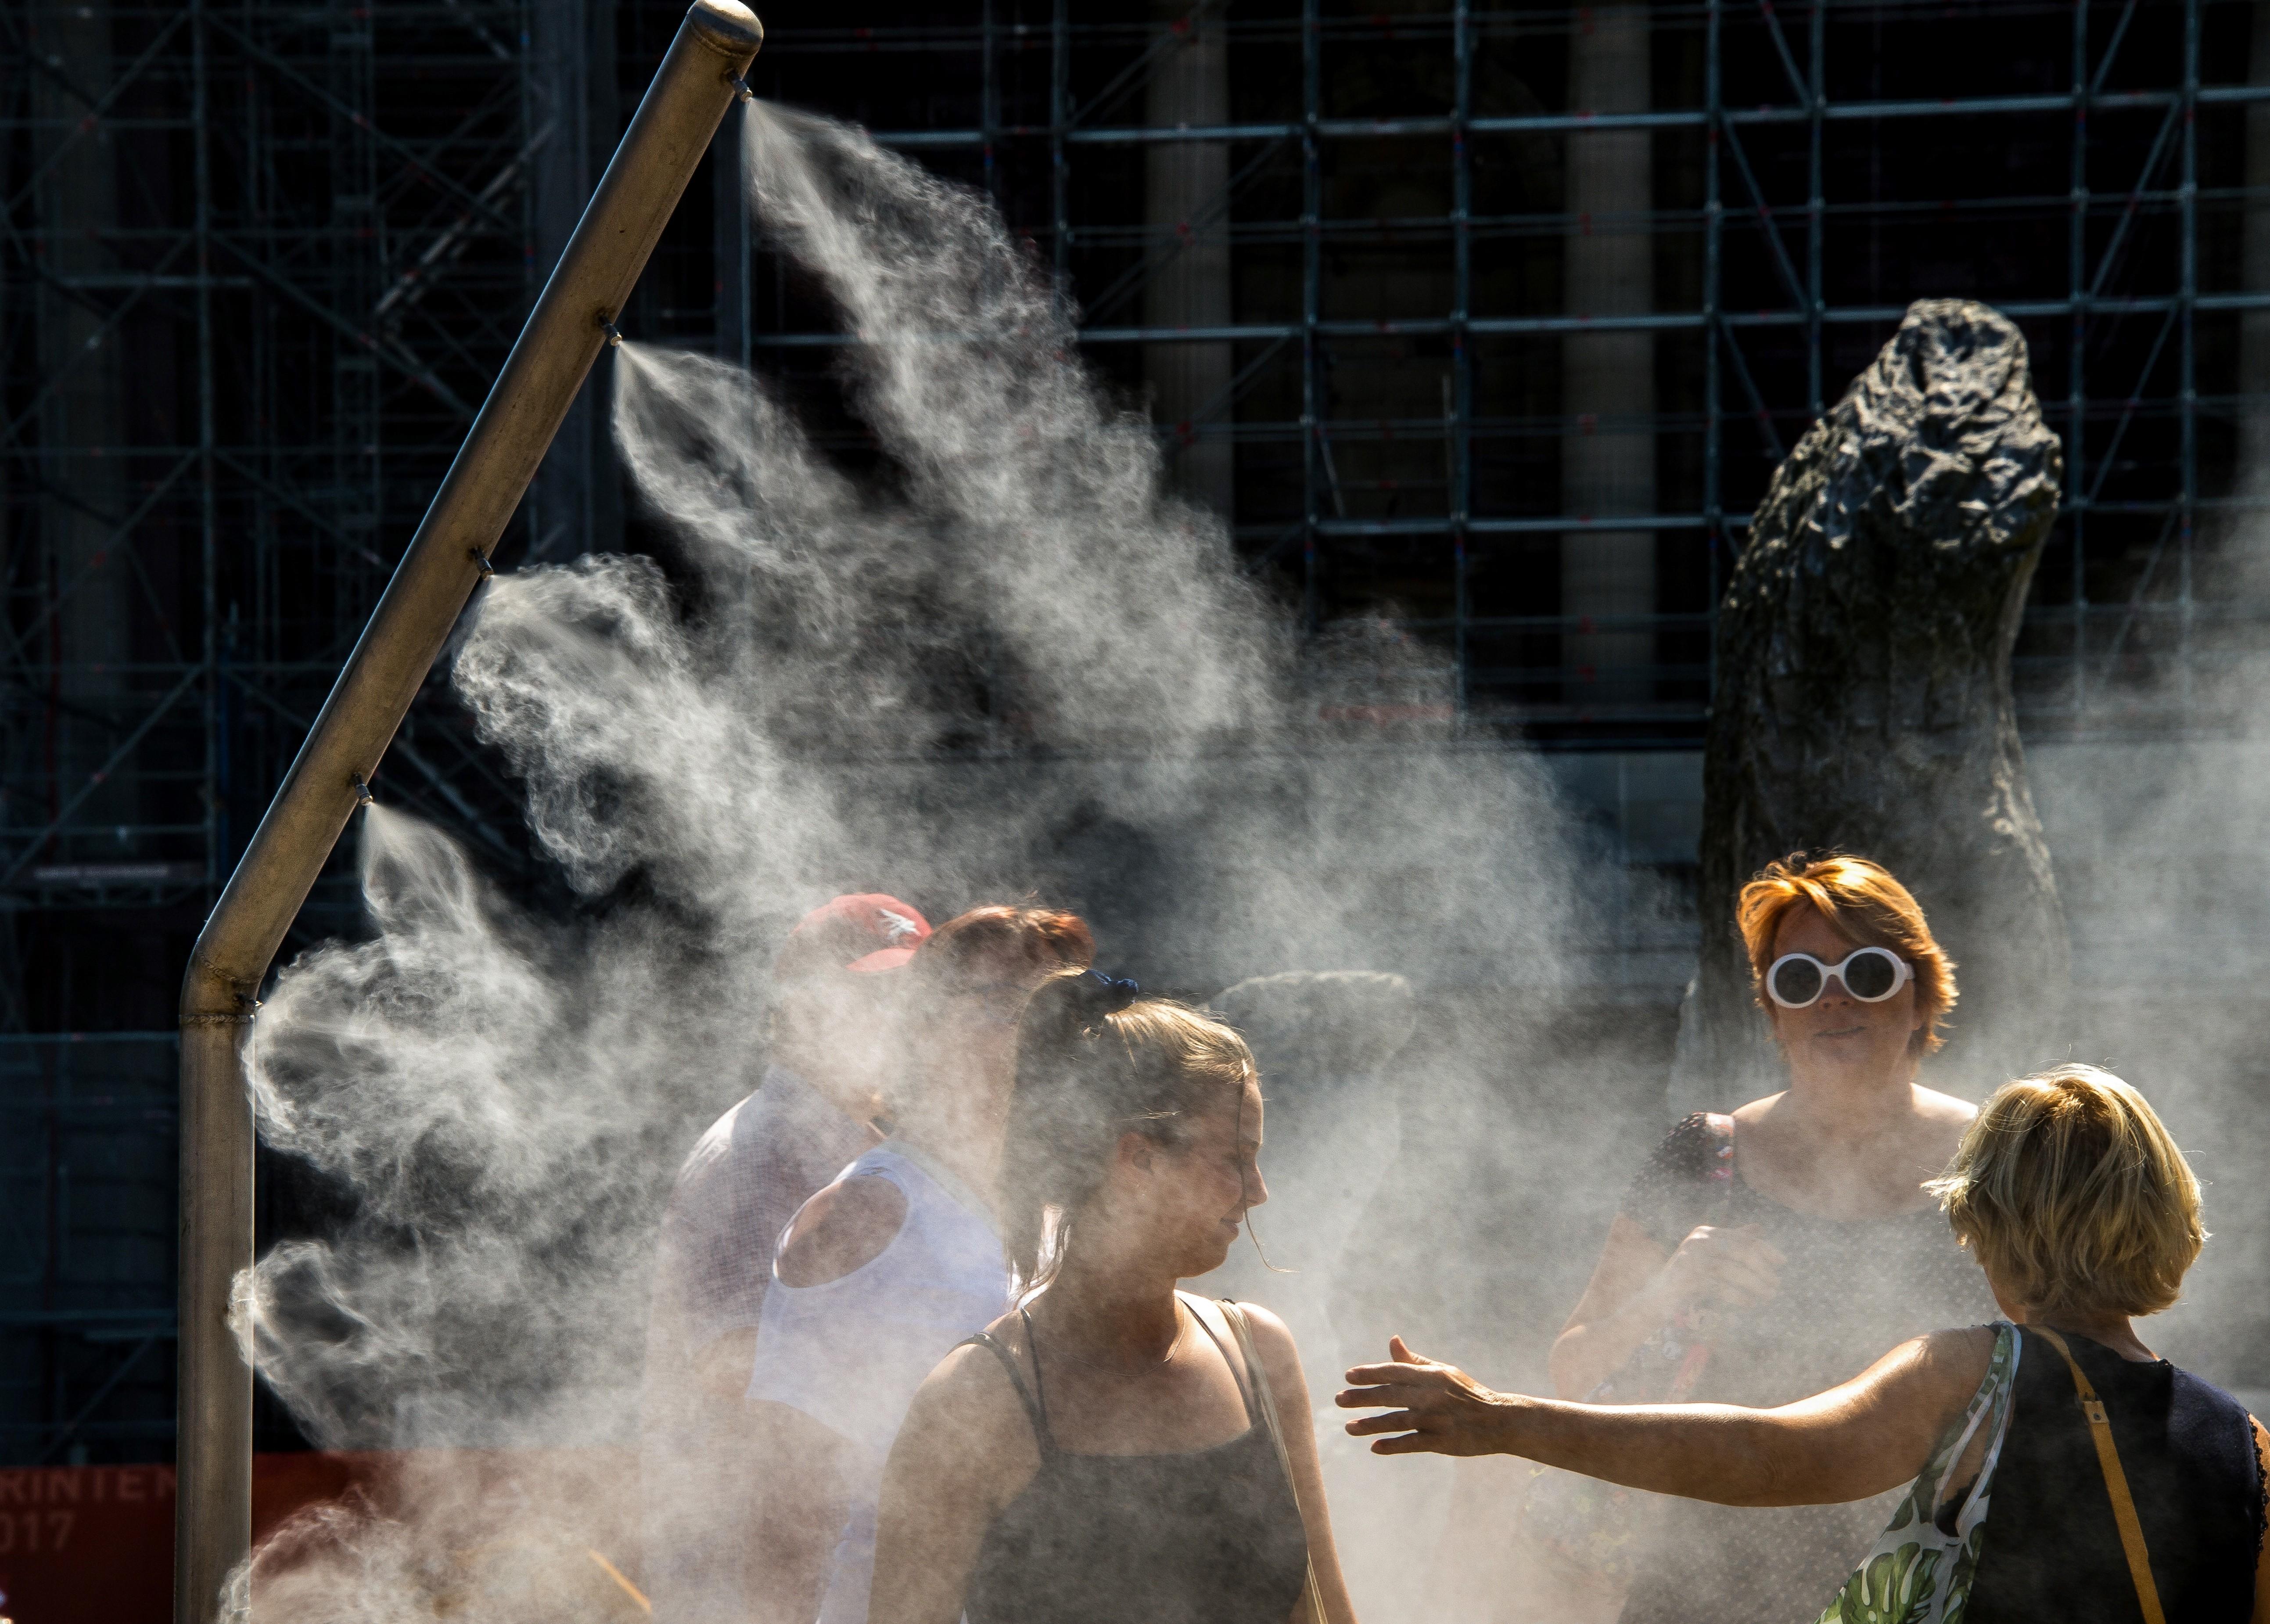 Cientistas franceses alertam para aumento da temperatura global em até 7ºC até o fim do século